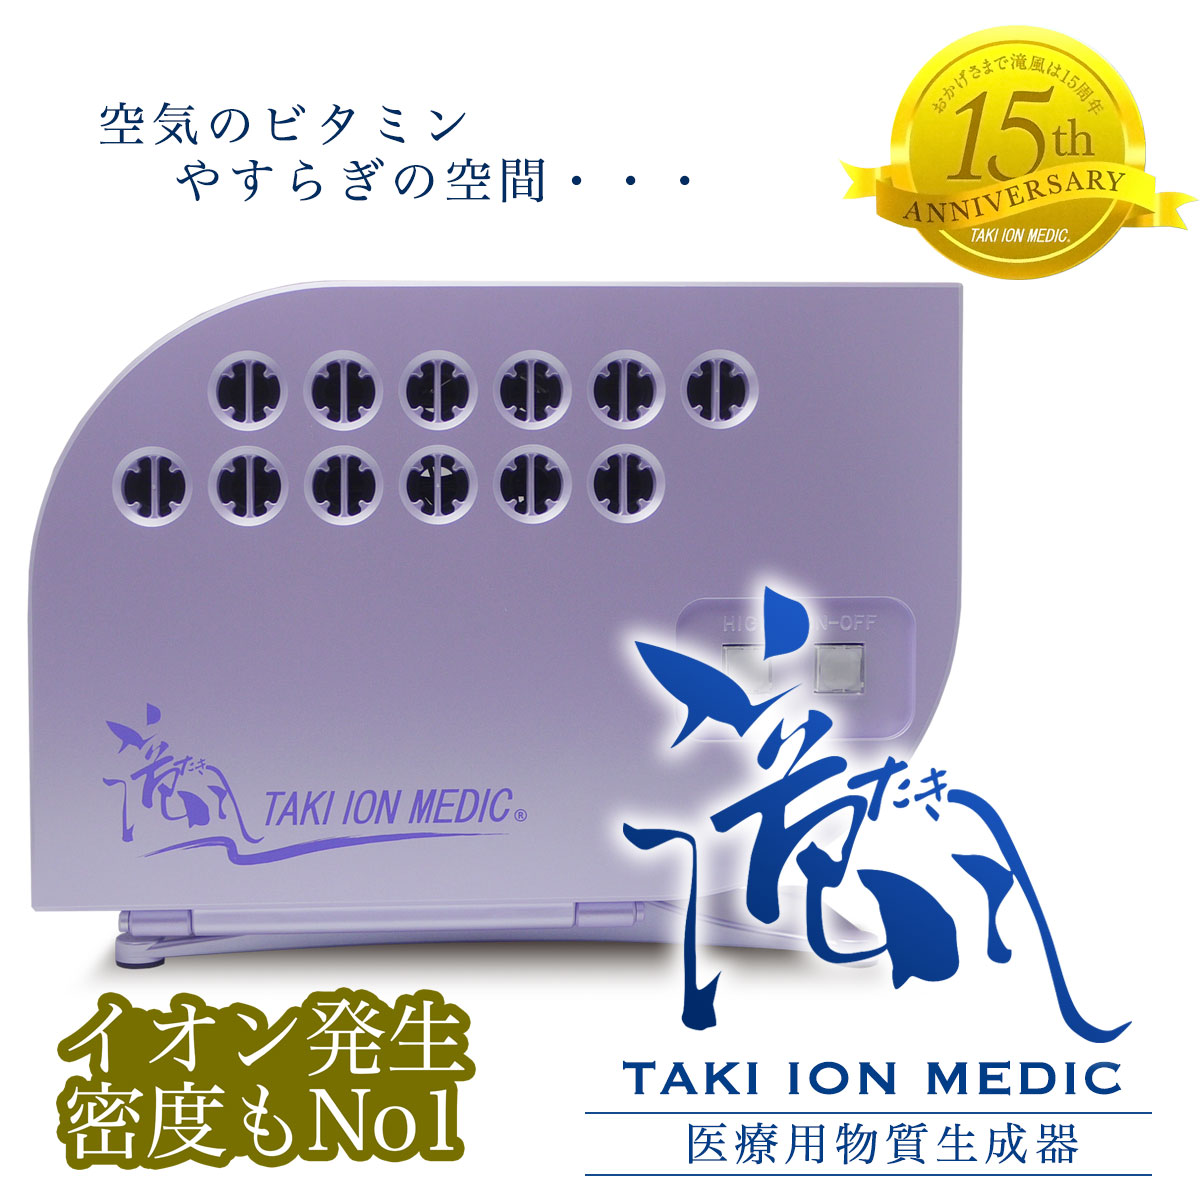 滝風イオン 医療用物質生成器 TAKI ION MEDIC イオン発生密度もNo1 滝イオン 省エネ マイナスイオン 保証書付